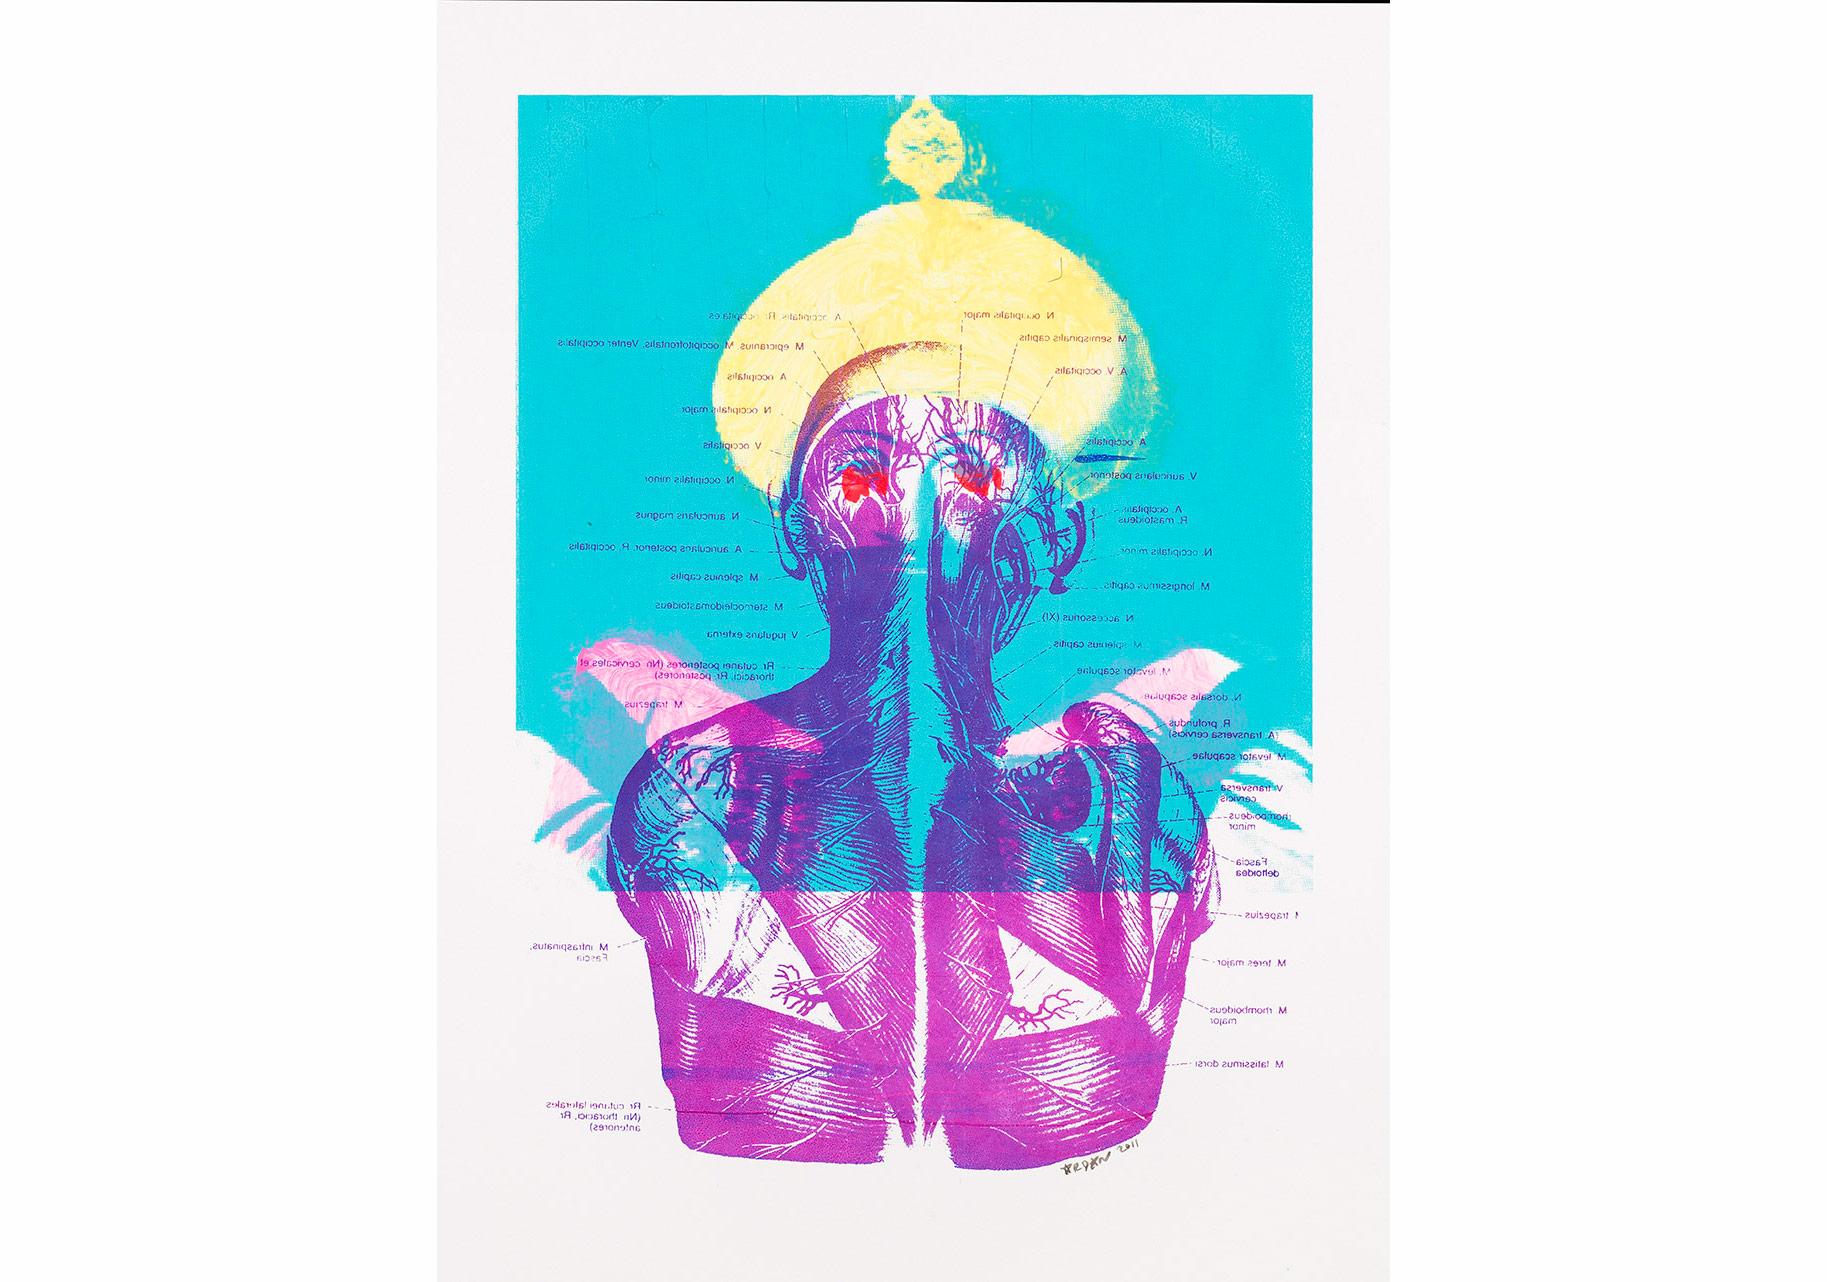 Ardan Özmenoğlu, Osmanlı Anatomisi 2, Kağıt üzerine karışık teknik, 46 x 54 cm, 2011